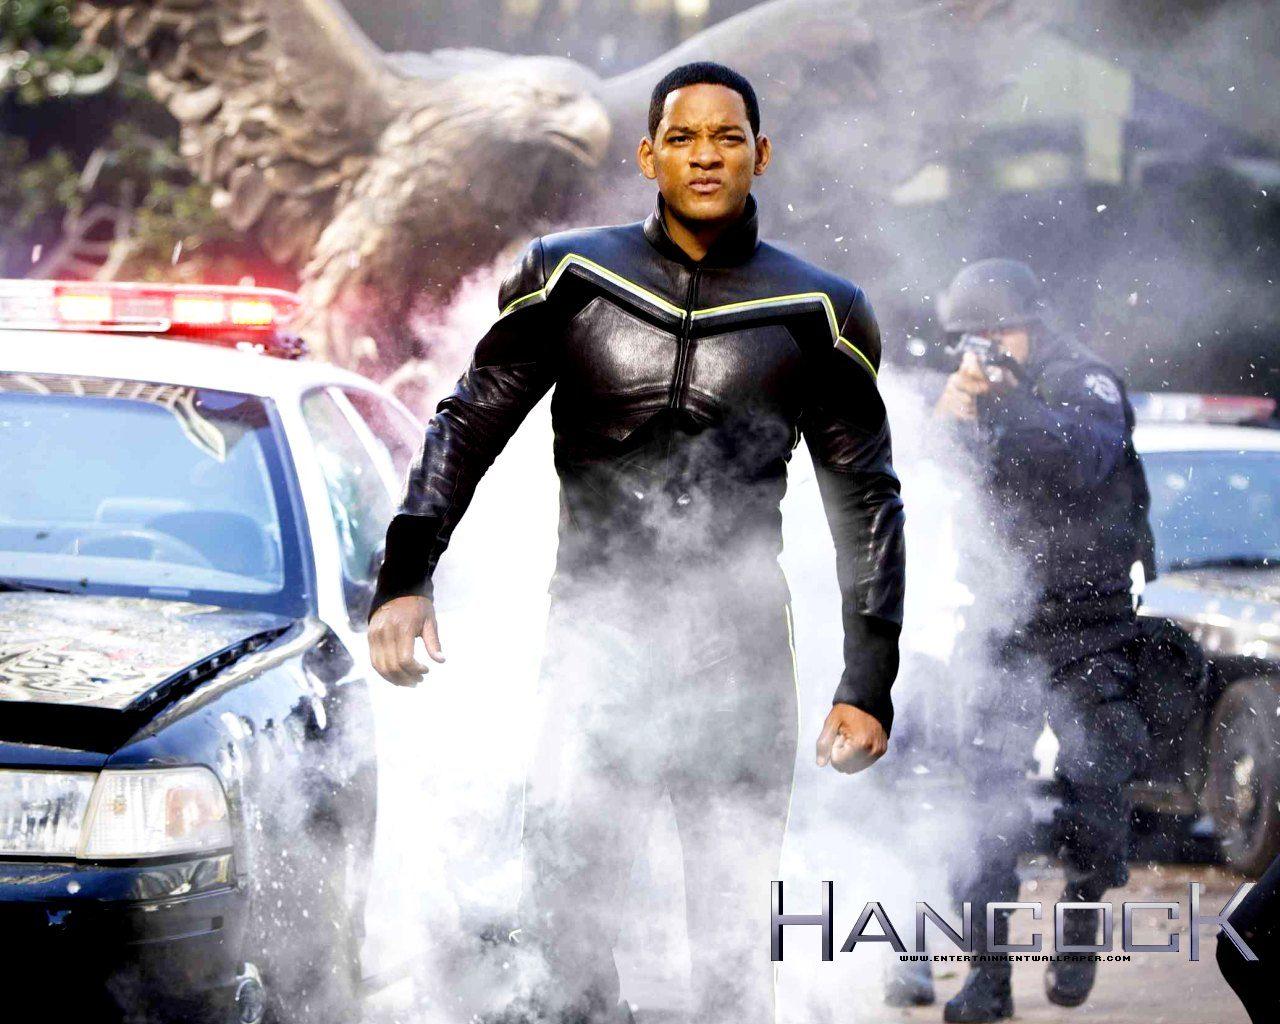 Han Cock Movie 51